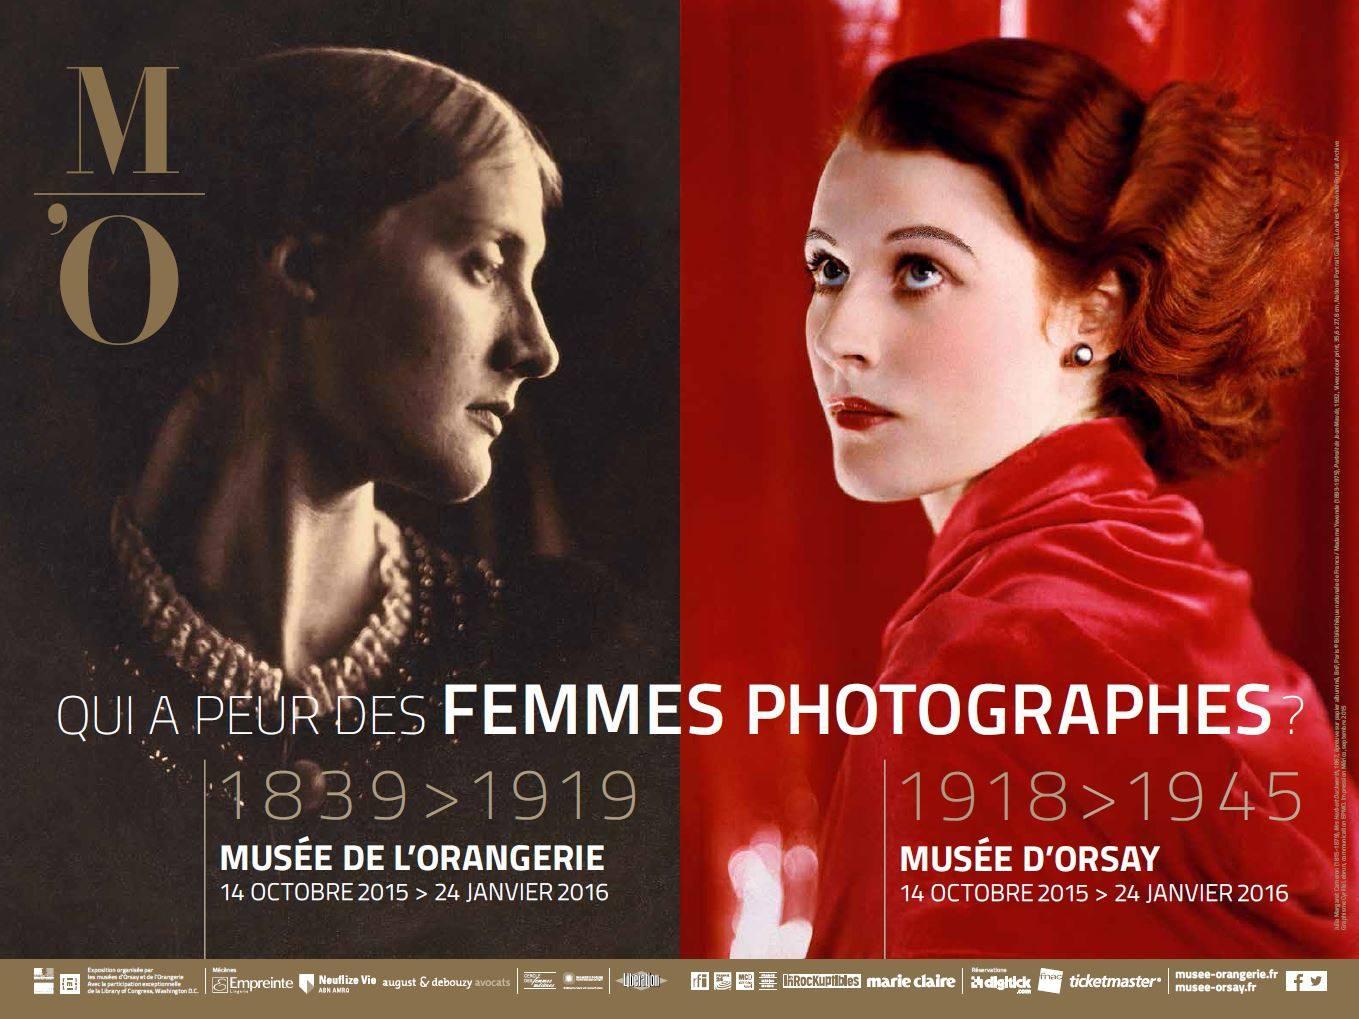 les femmes photographes